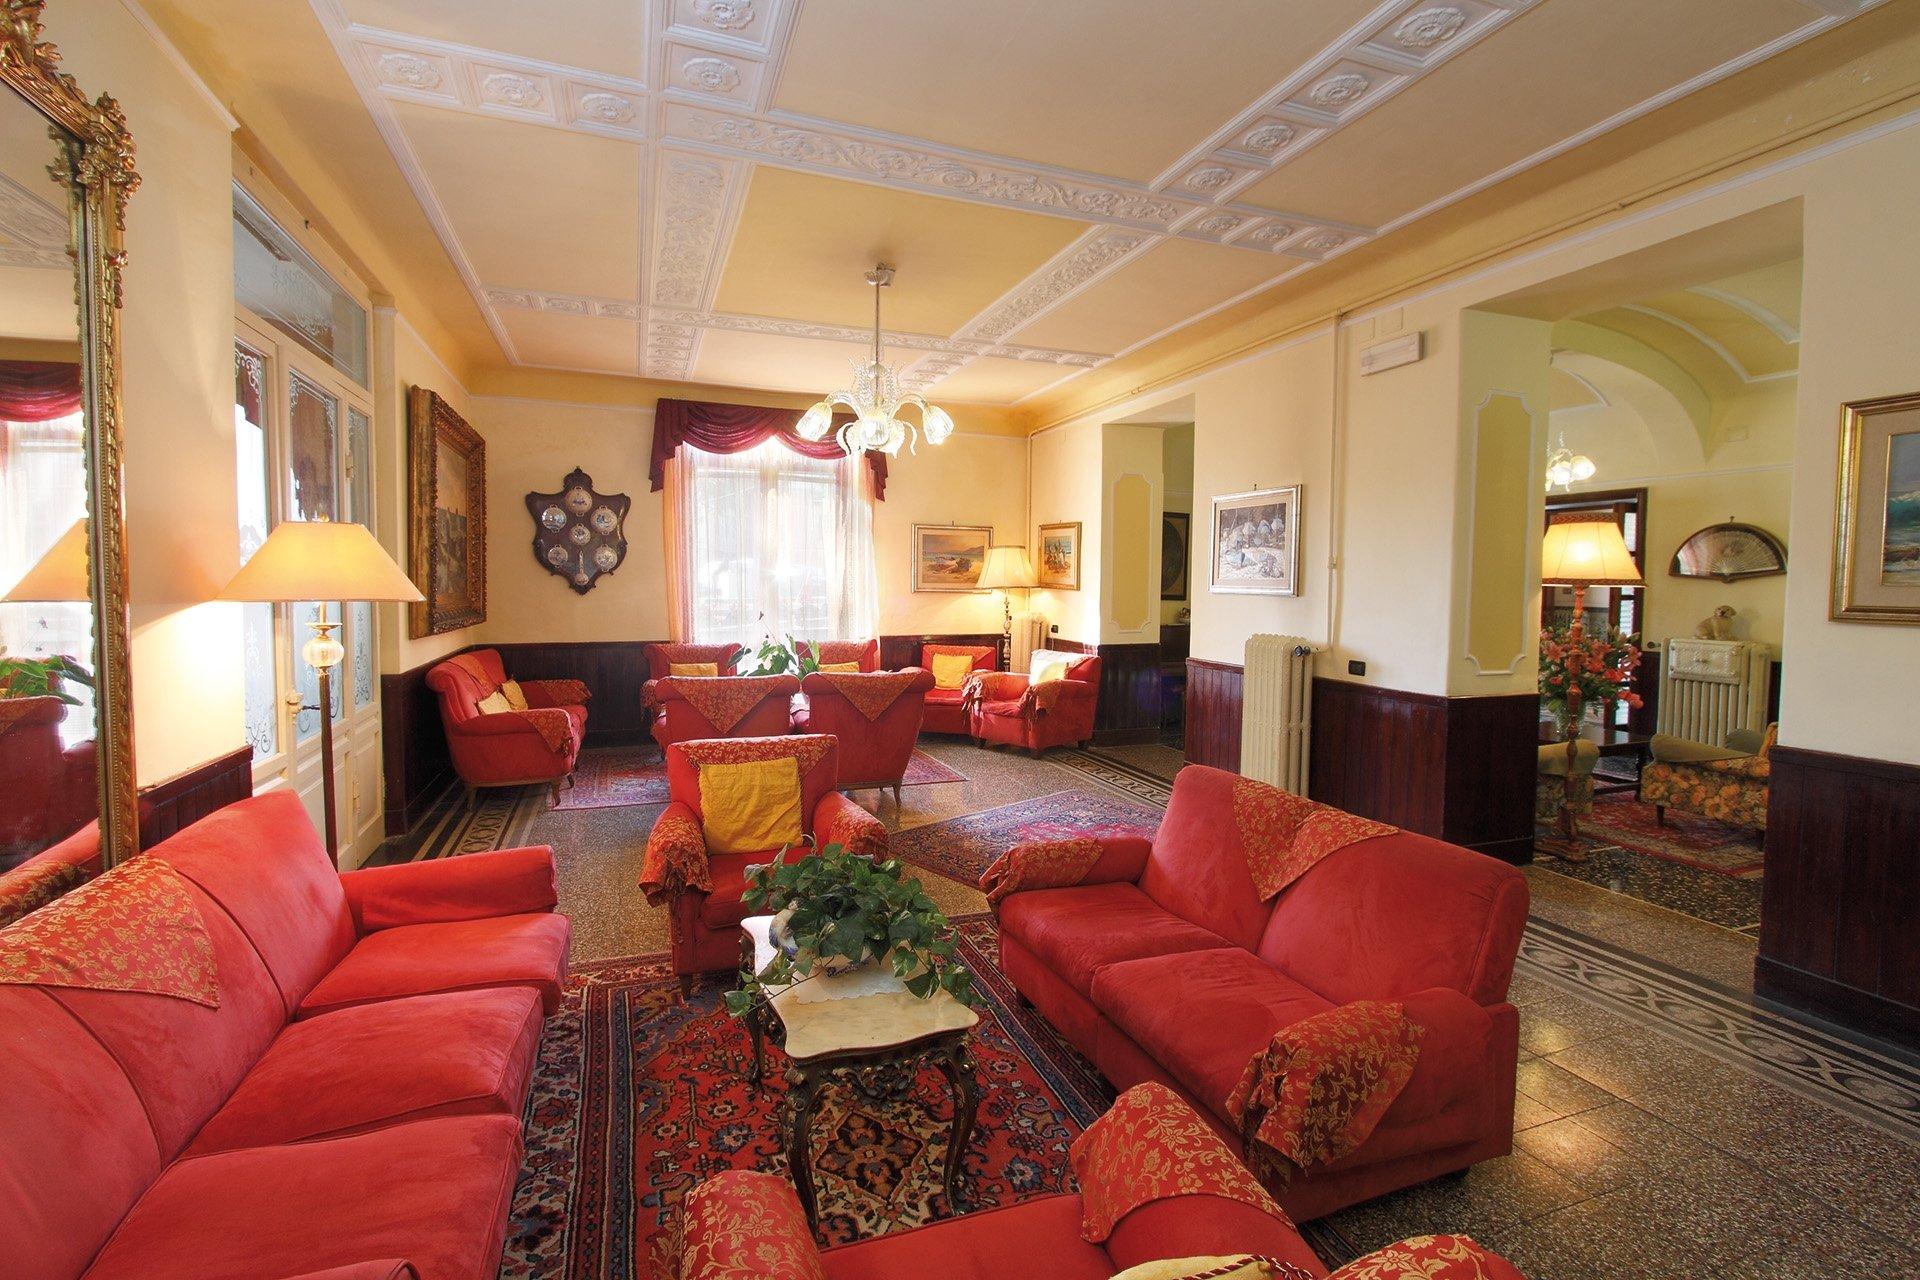 Salotti dell'hotel, cinque sofá rosse